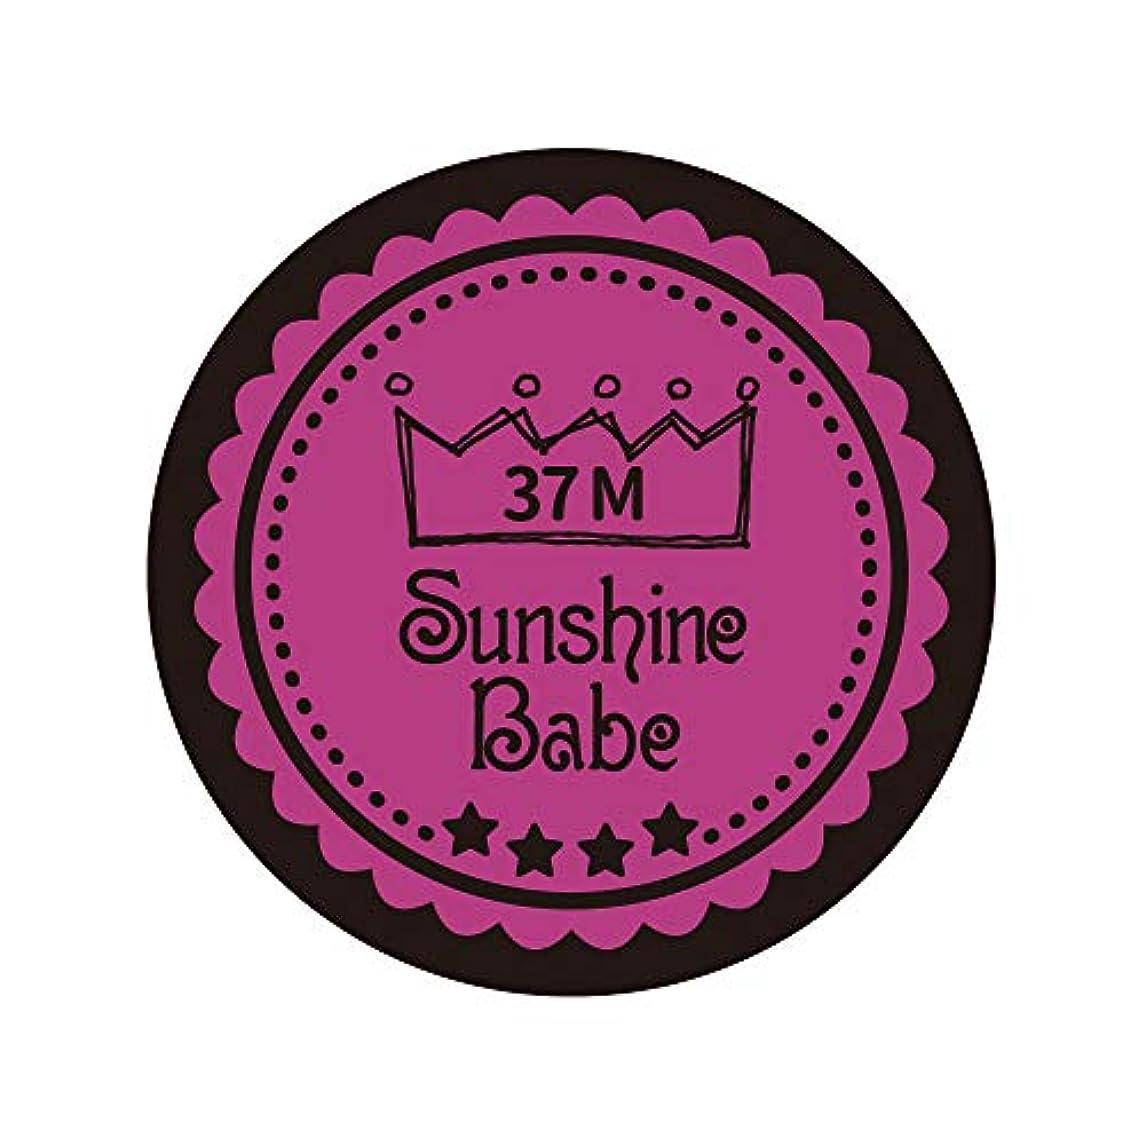 細分化するタール風邪をひくSunshine Babe カラージェル 37M フューシャピンク 4g UV/LED対応